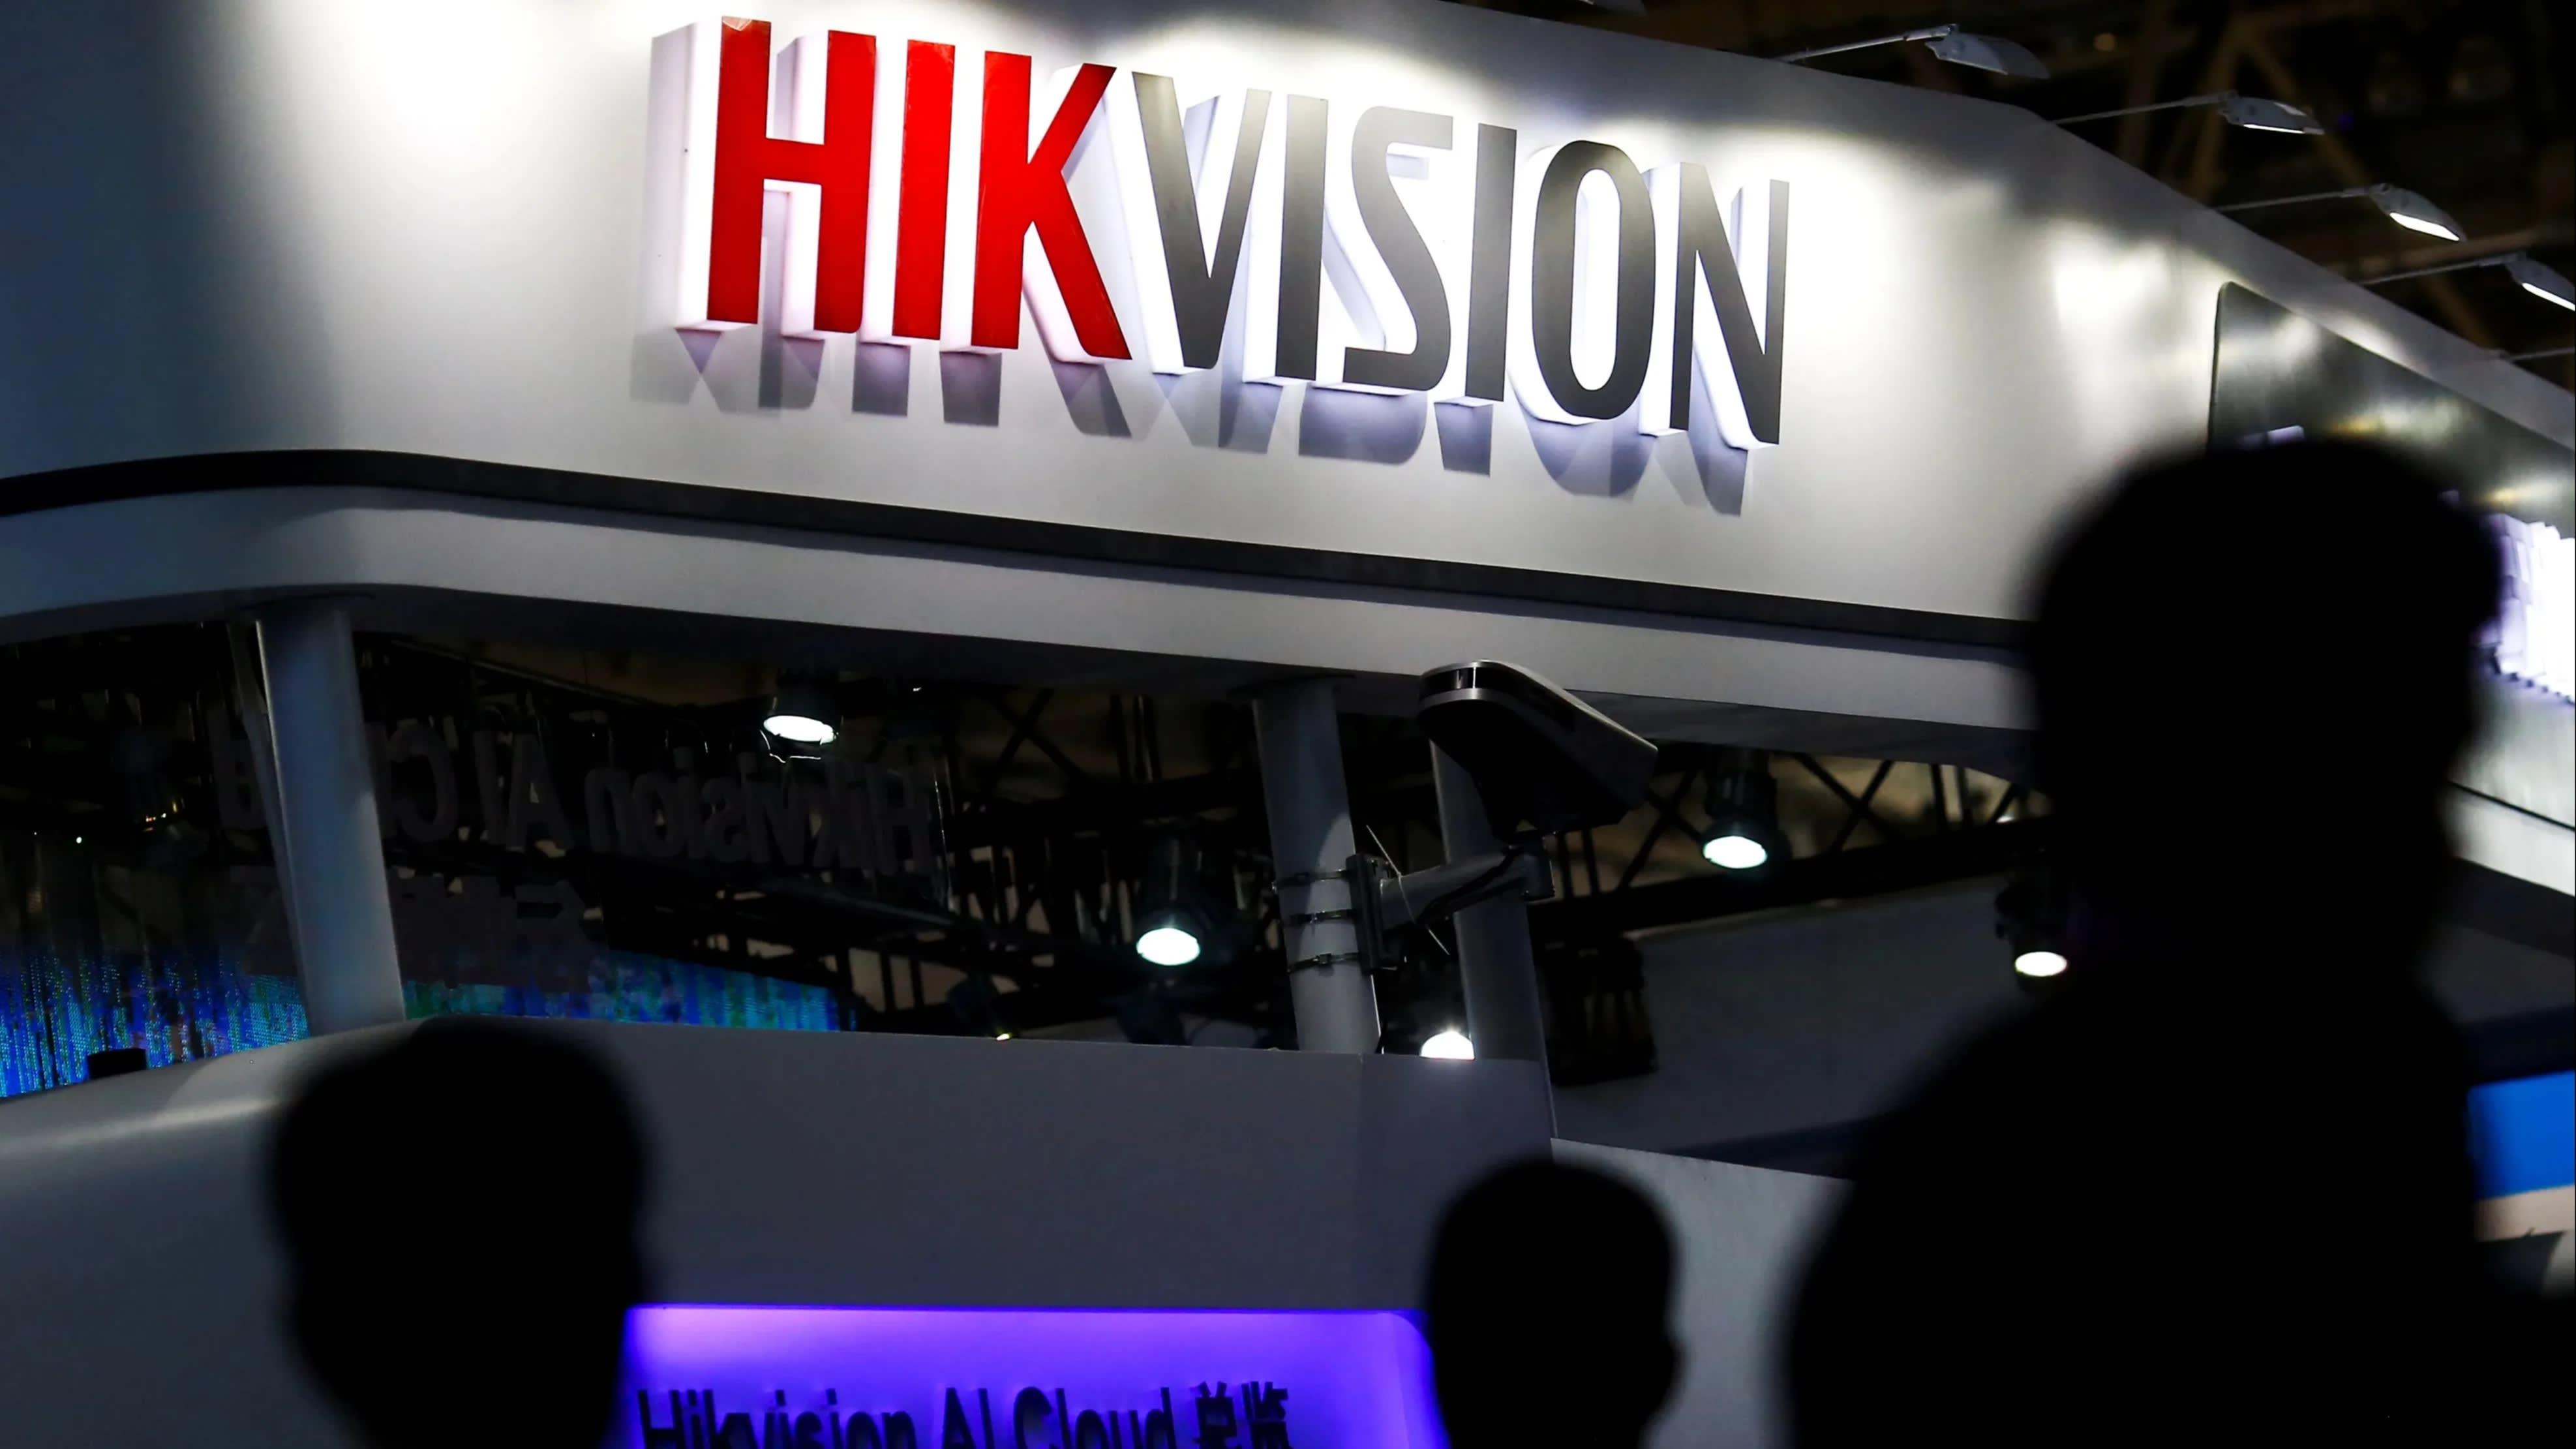 Термография и маски – новые тренды в СКУД.Вебинар Hikvision по новым продуктам для организации контроля доступа